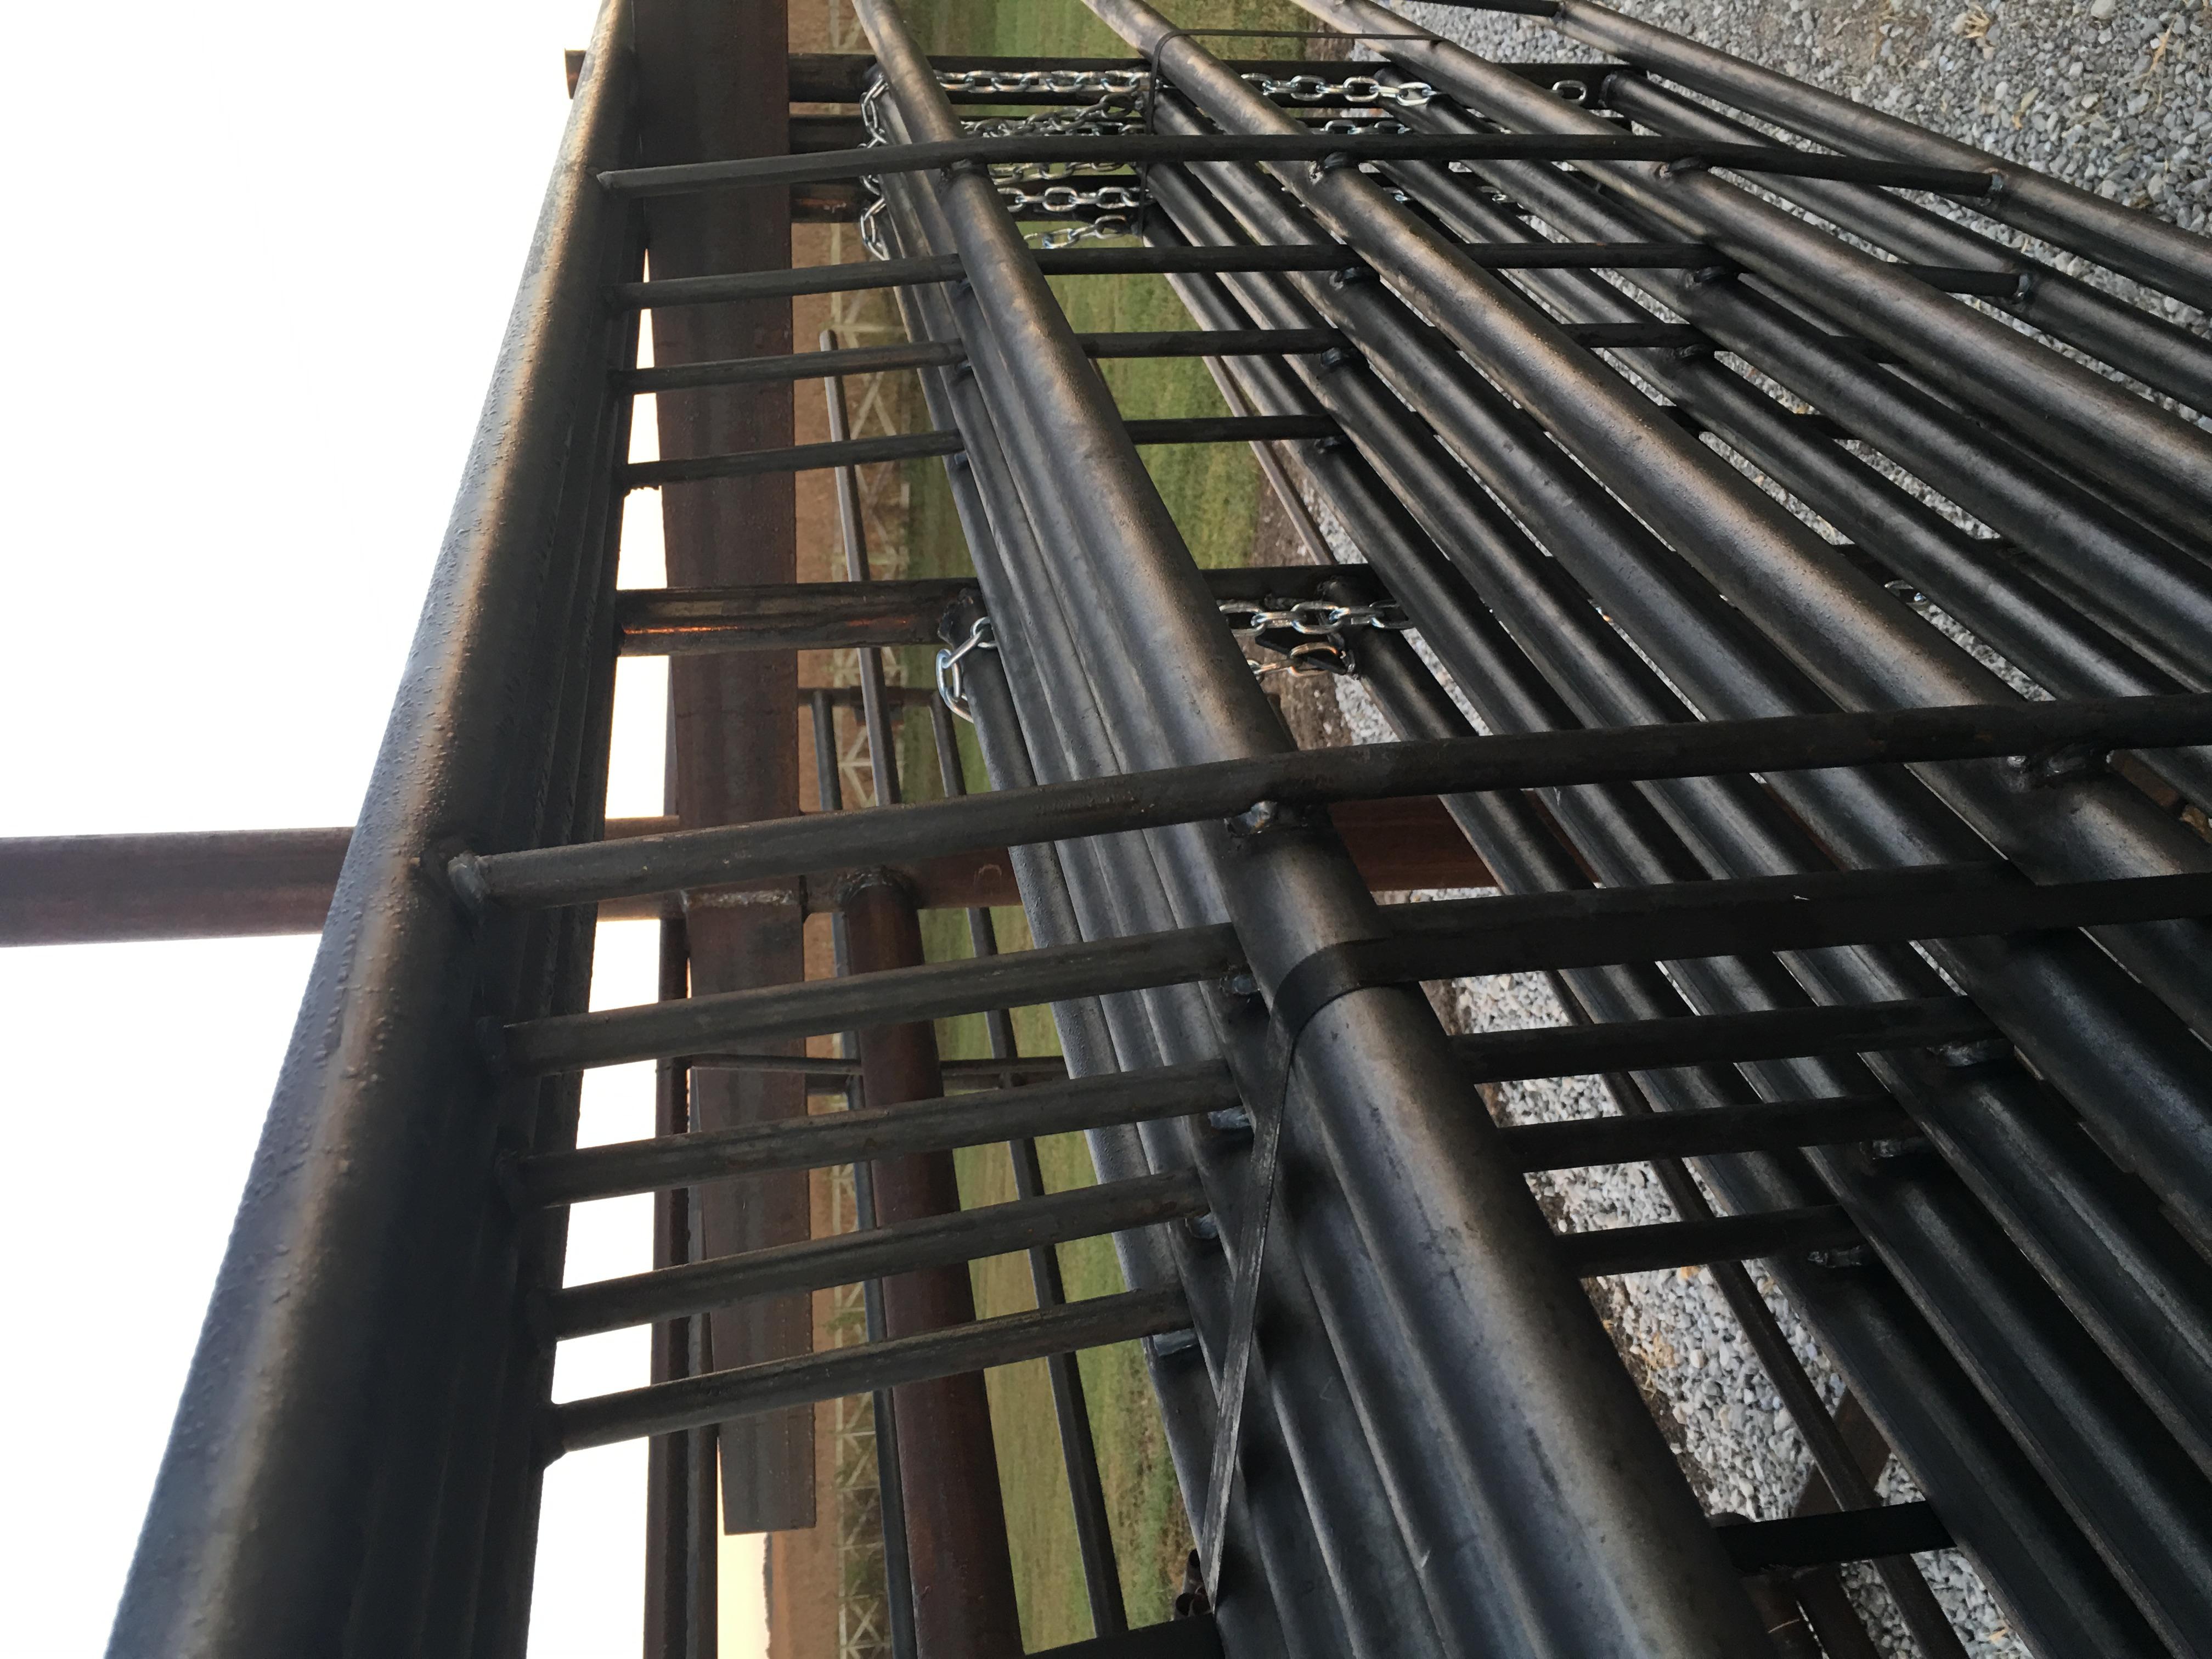 Pasture gates